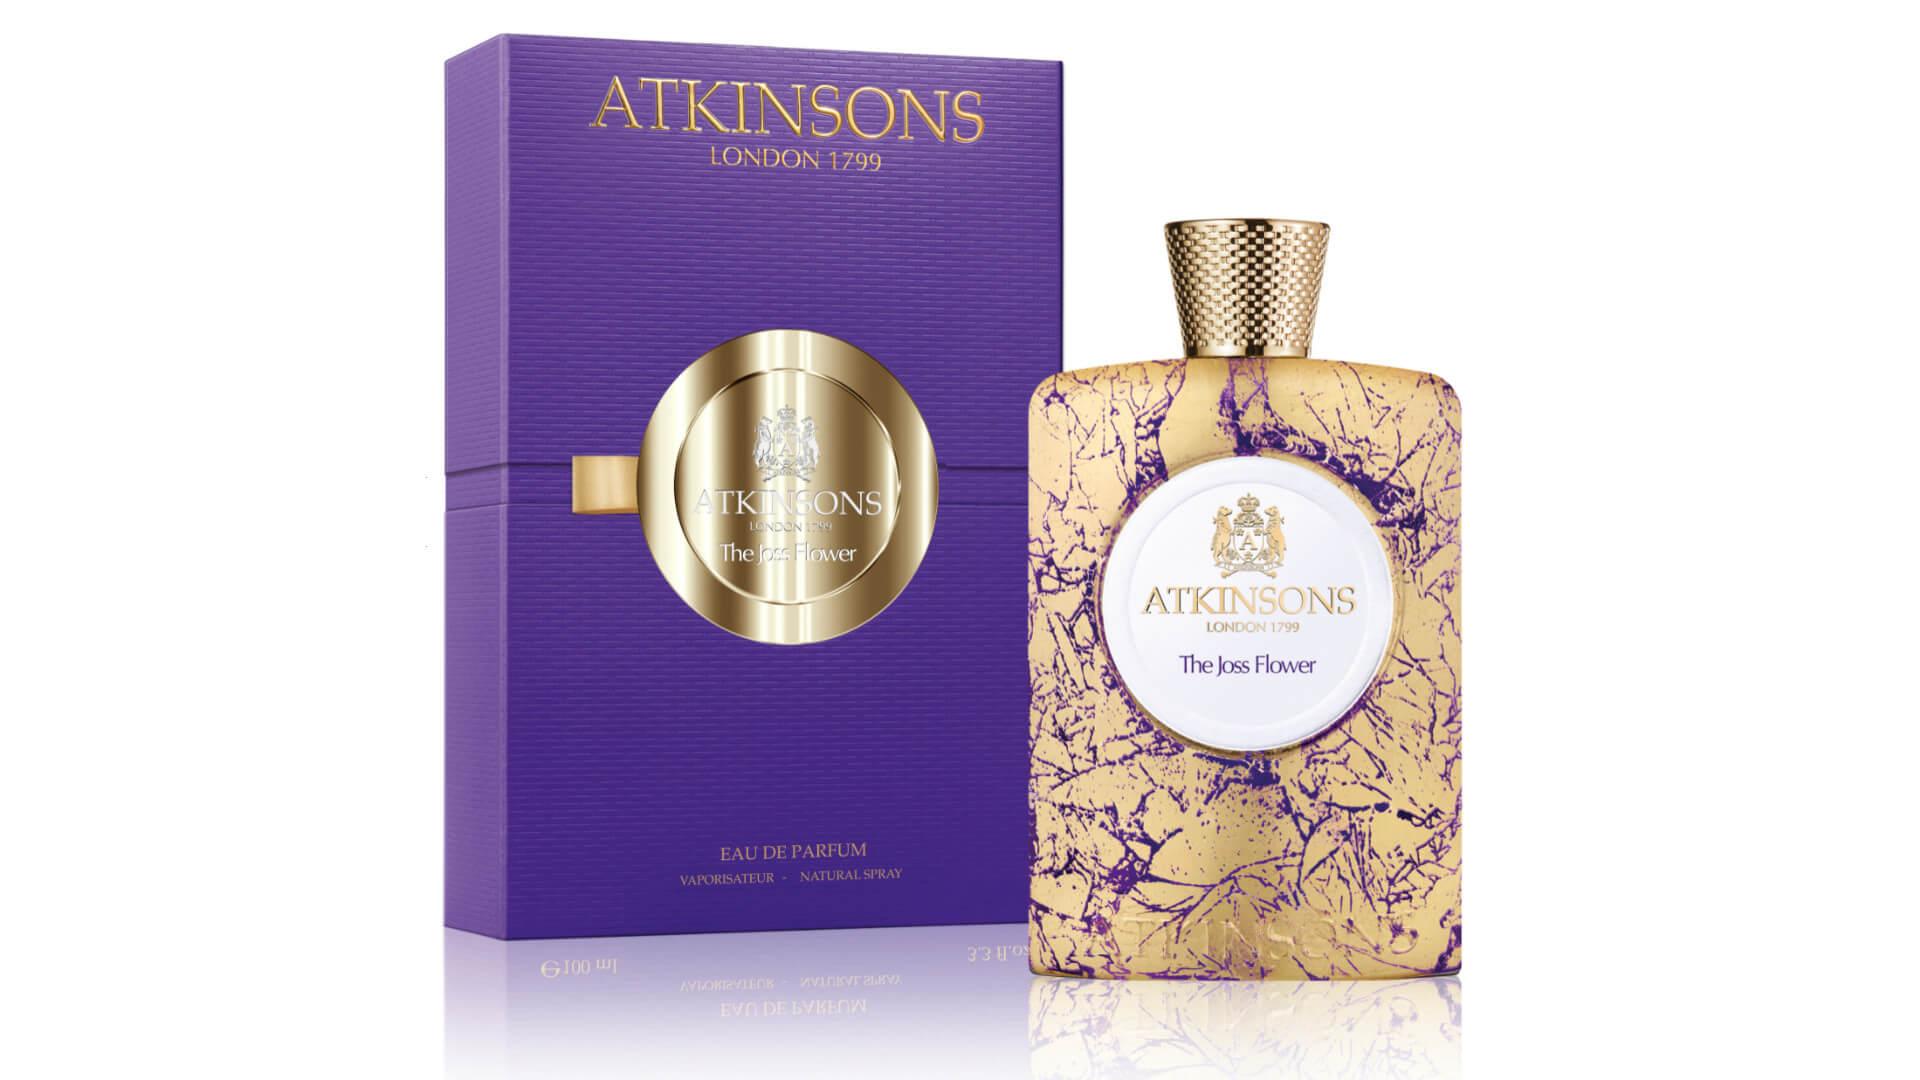 Atkinsons' The Joss Flower